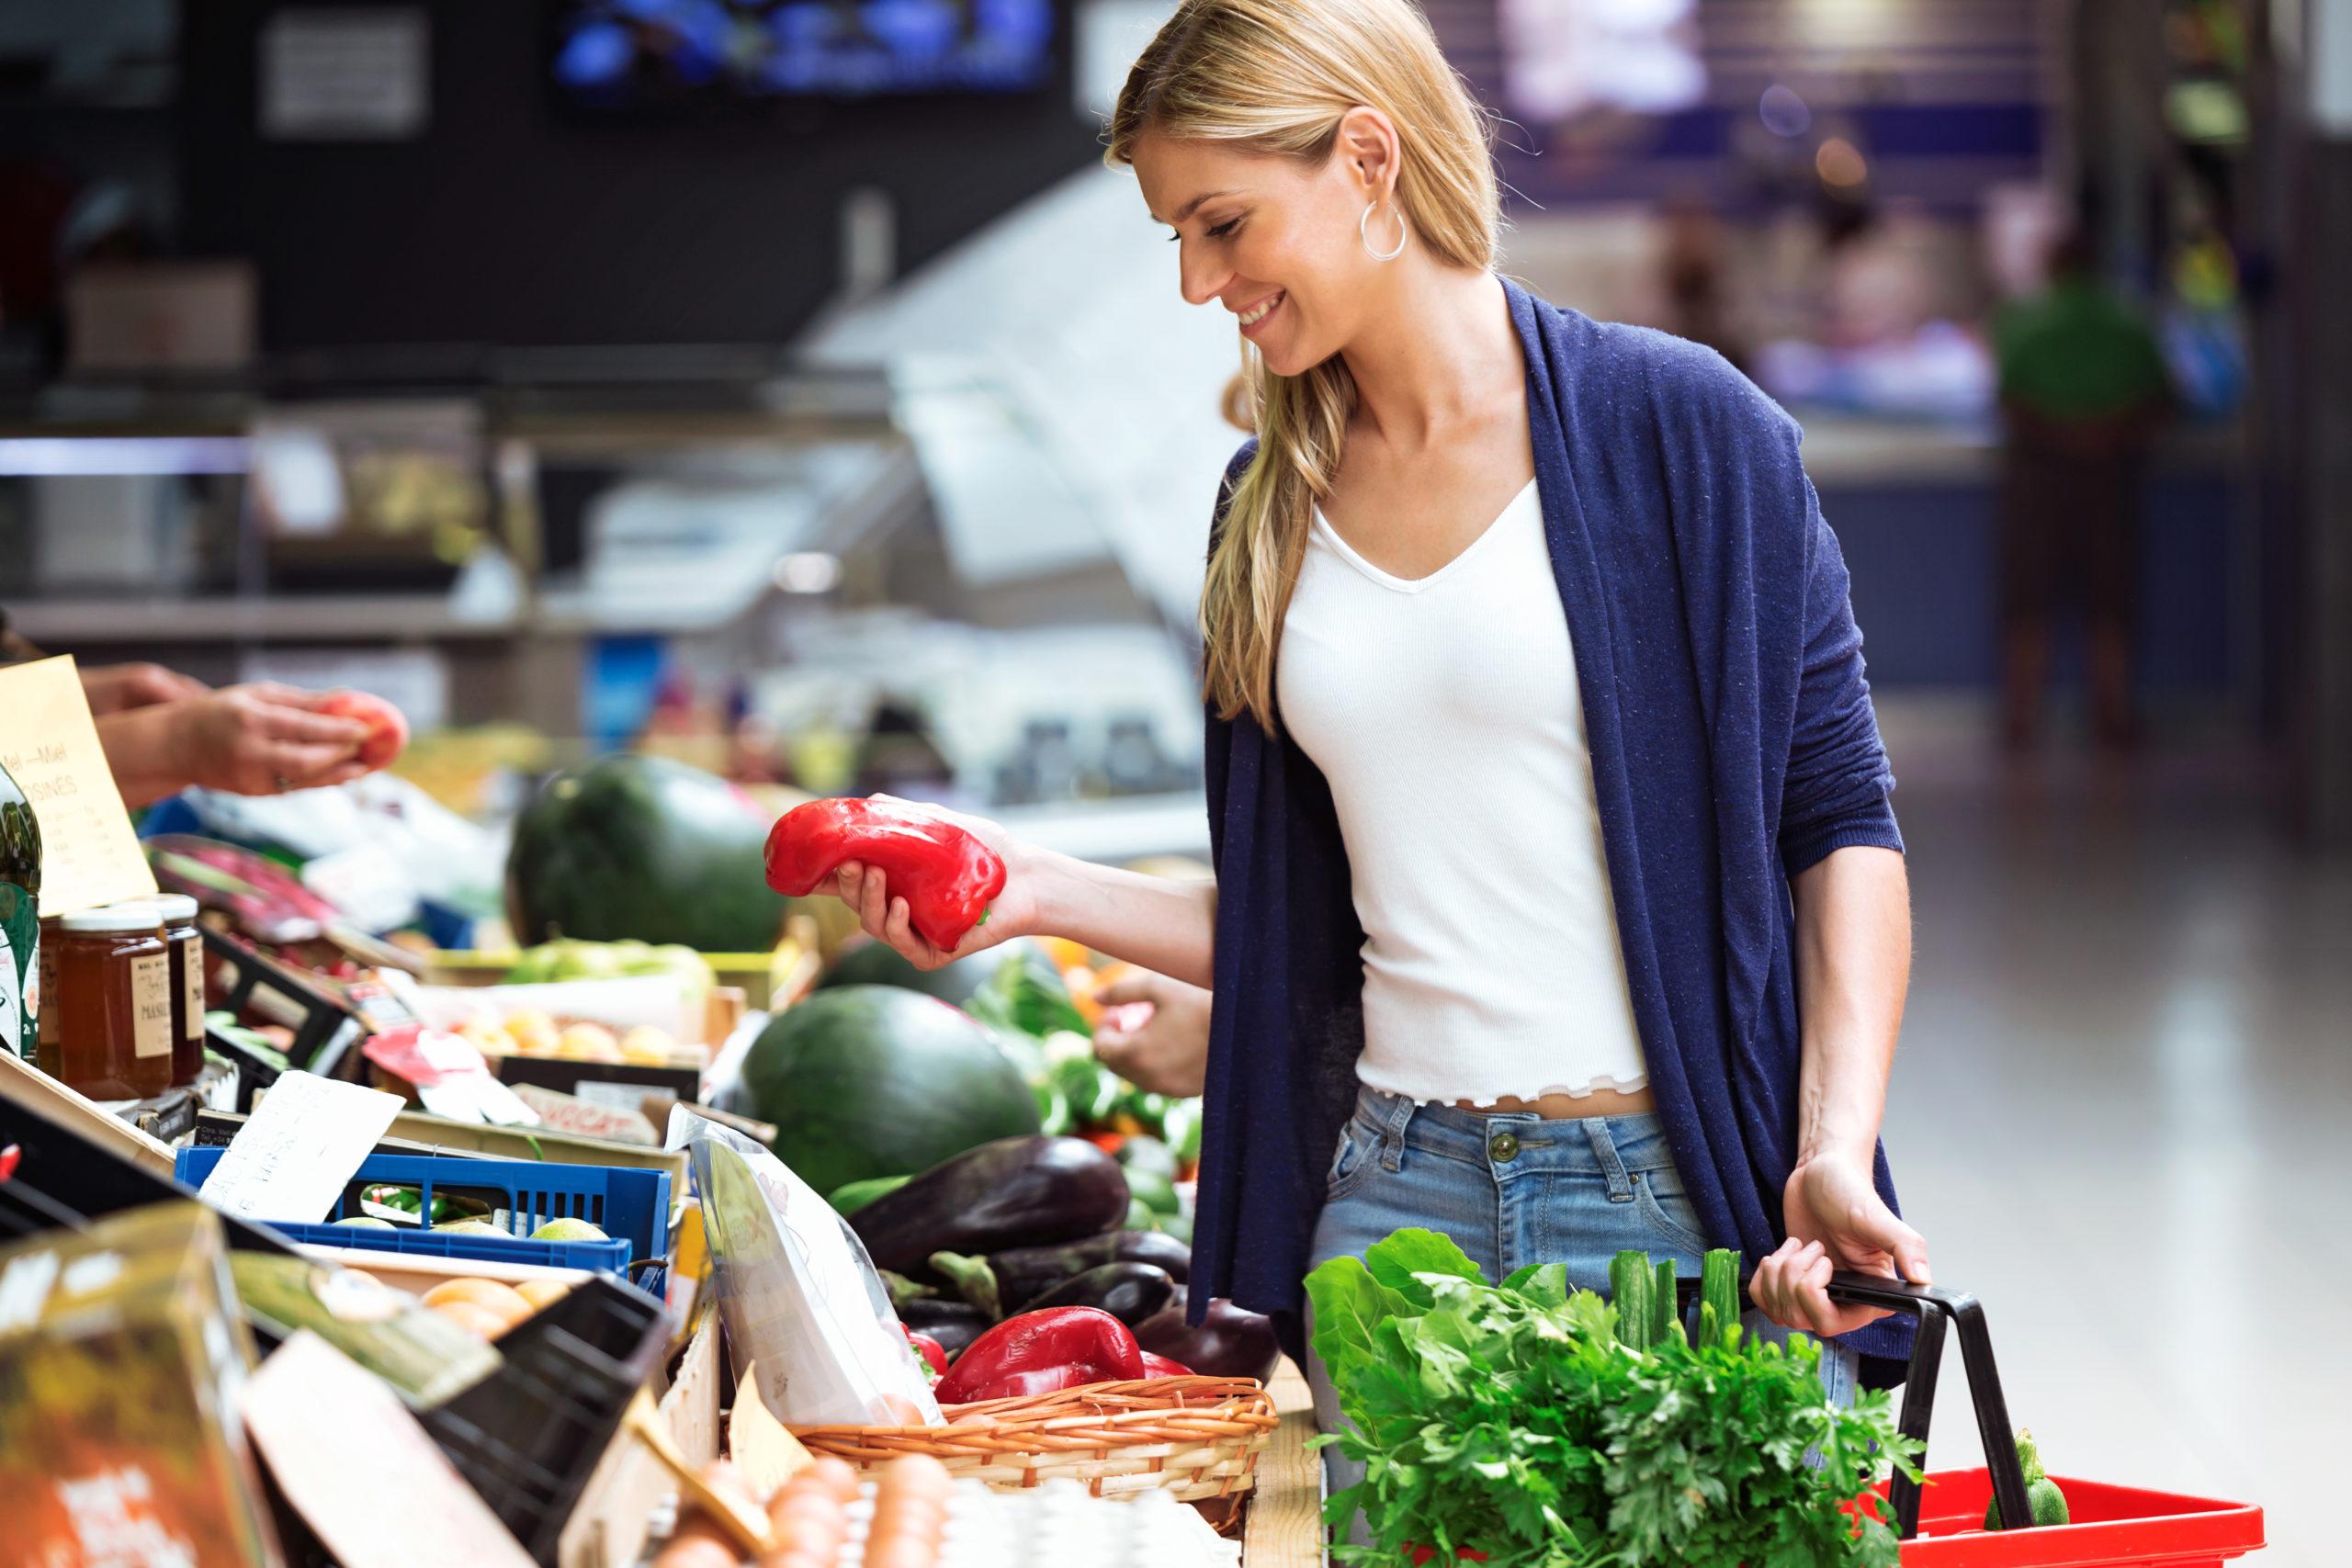 woman buying veggies